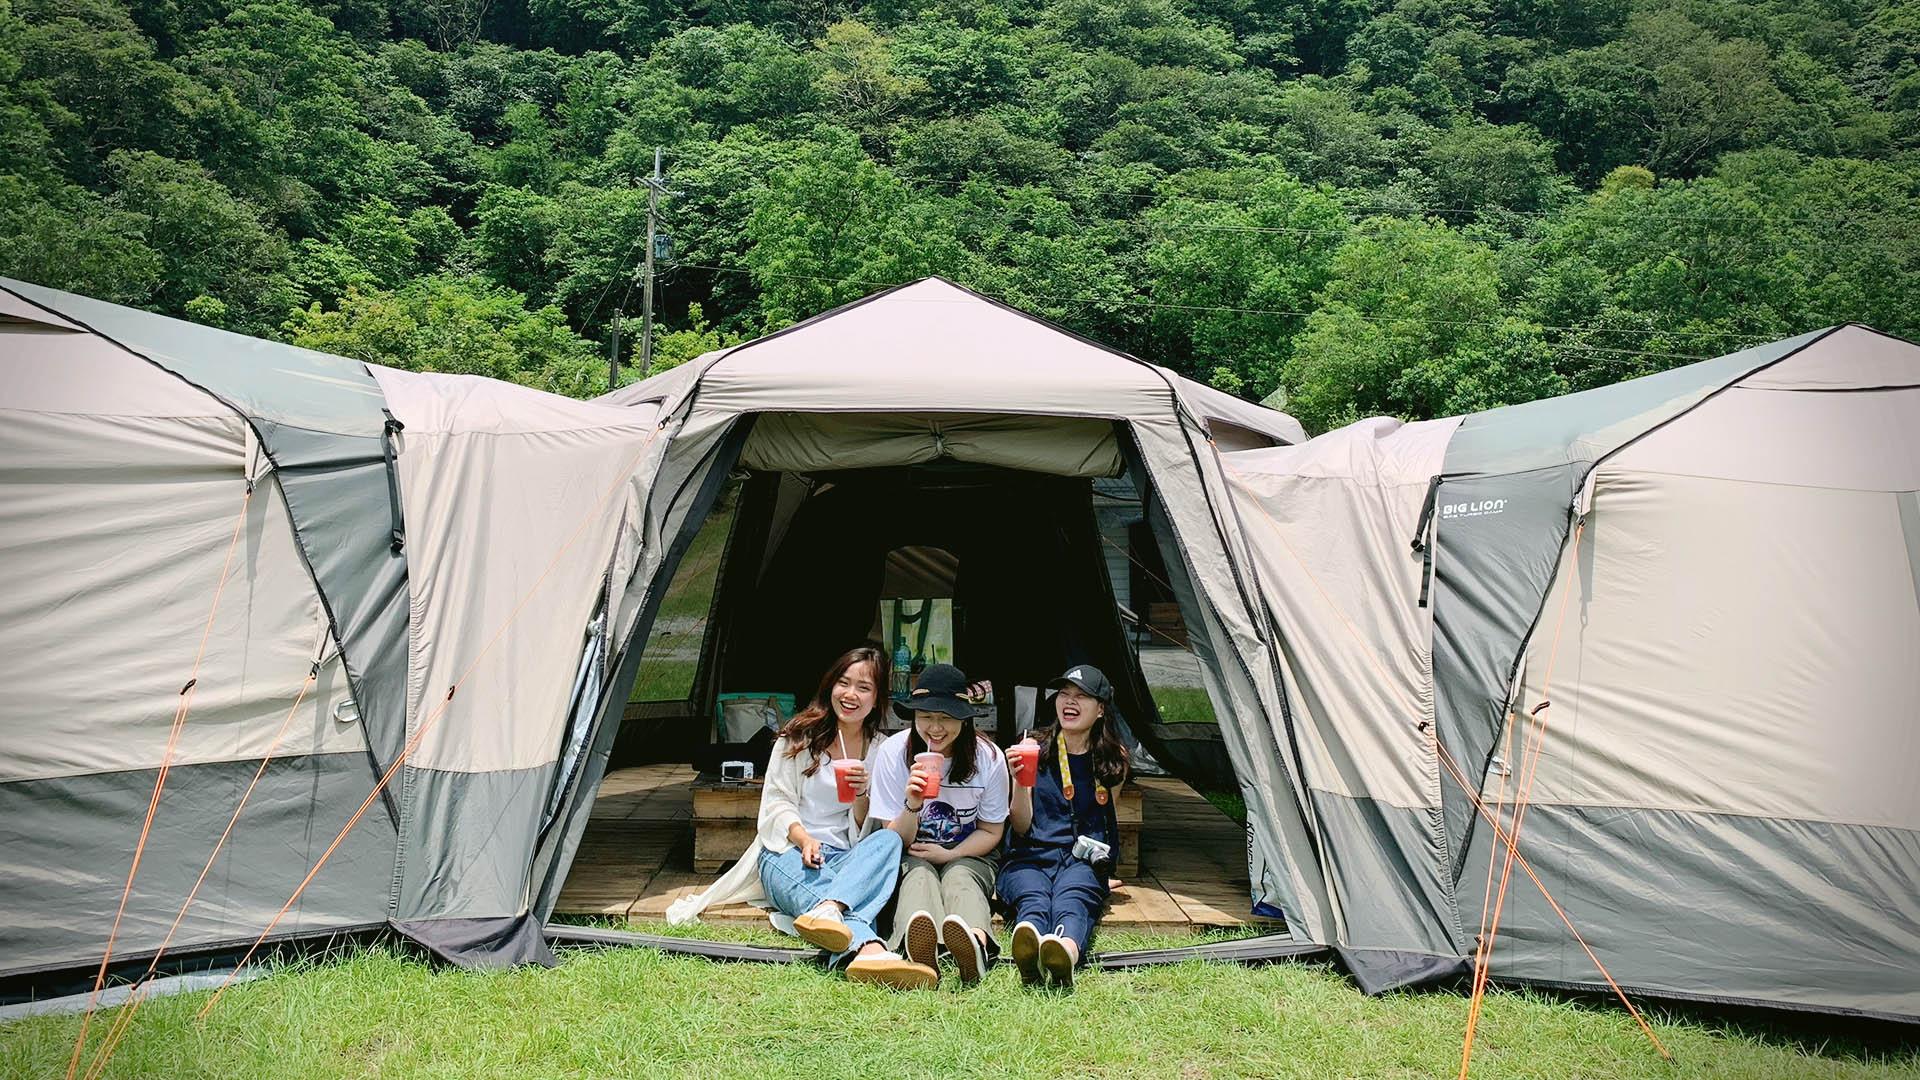 【宜蘭露營】下次去換個地方住吧!露營車・免裝備露營營區推薦